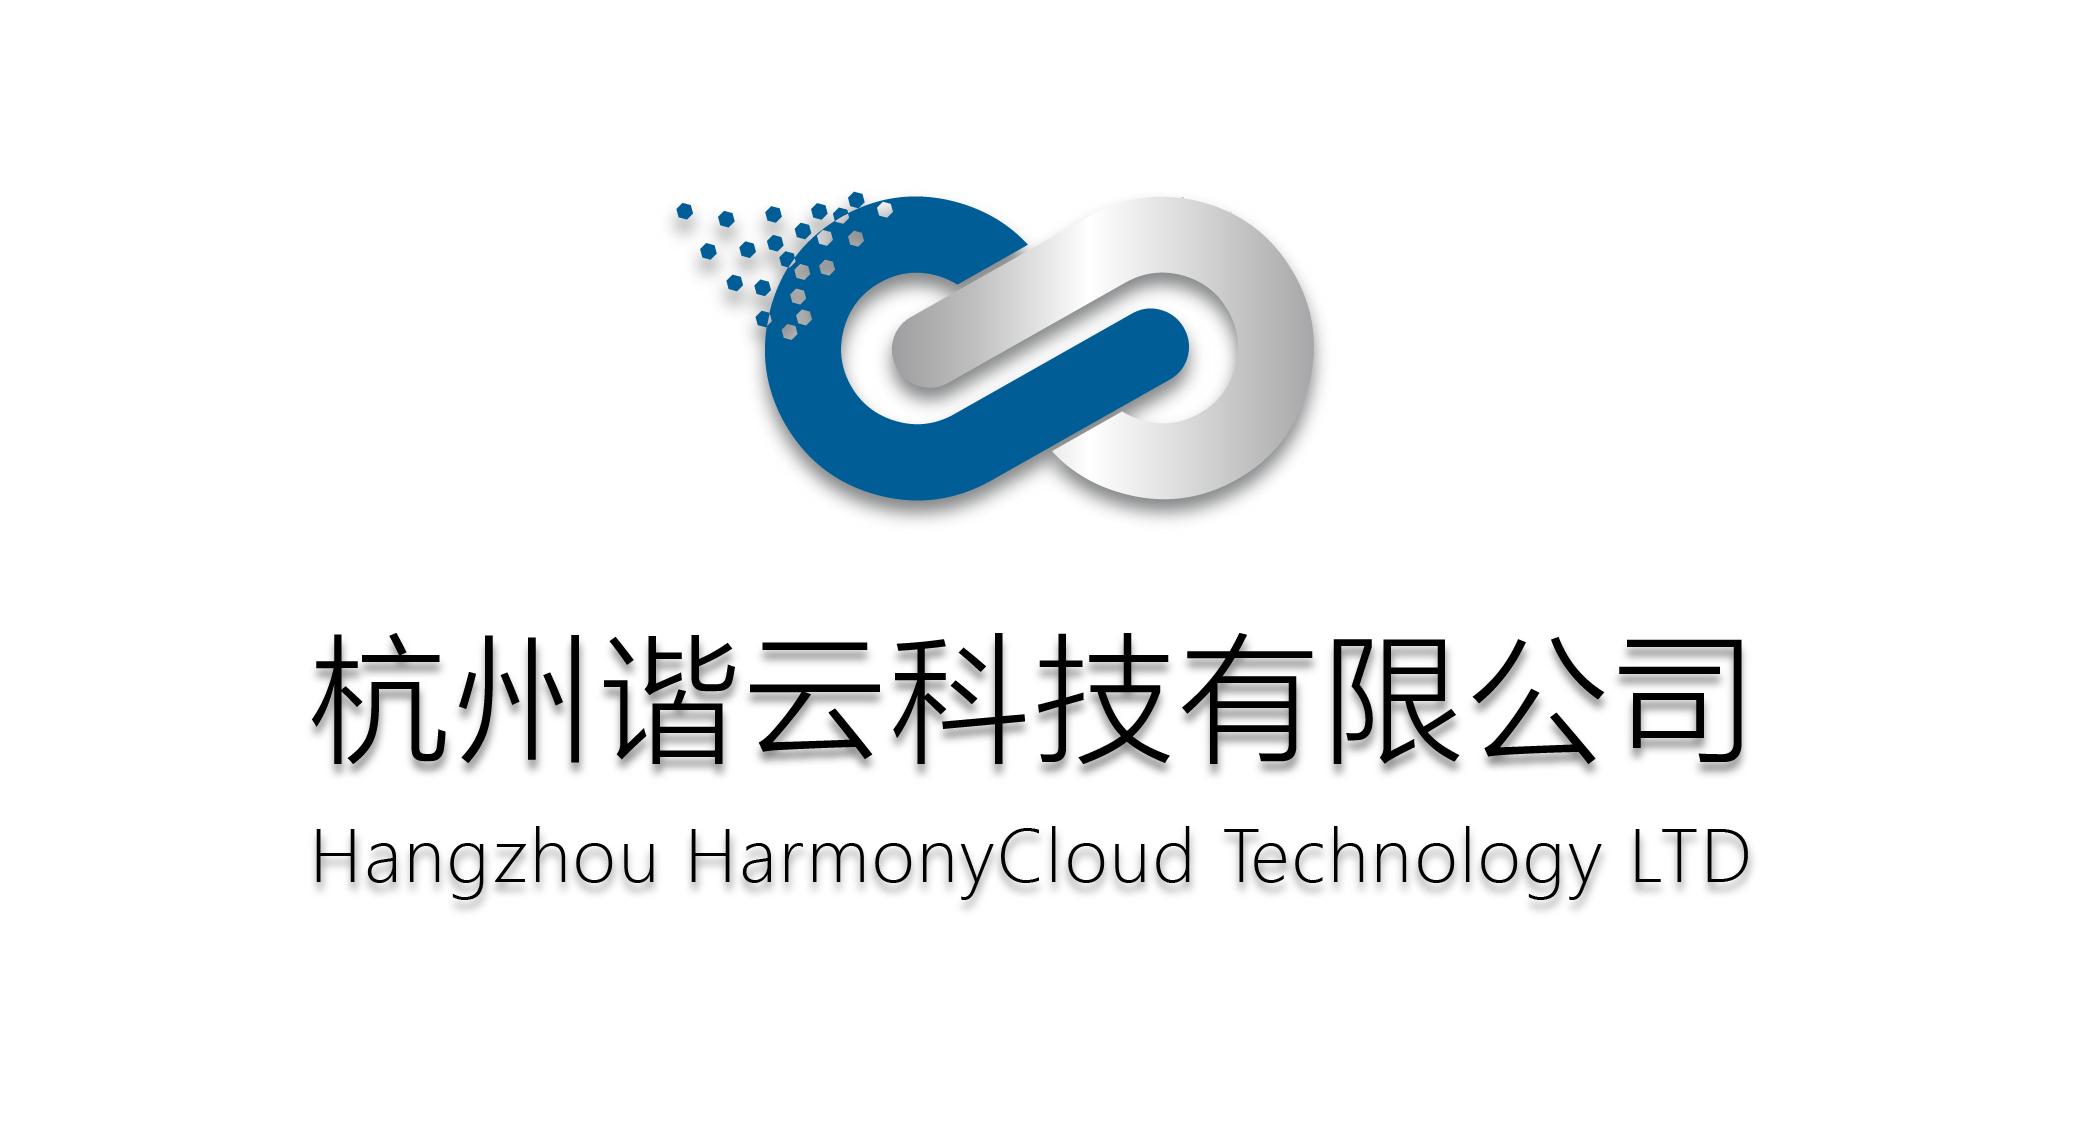 科技助力企业转型创新:容器行业企业谐云科技宣布完成数千万A轮融资!_Kubernetes中文社区